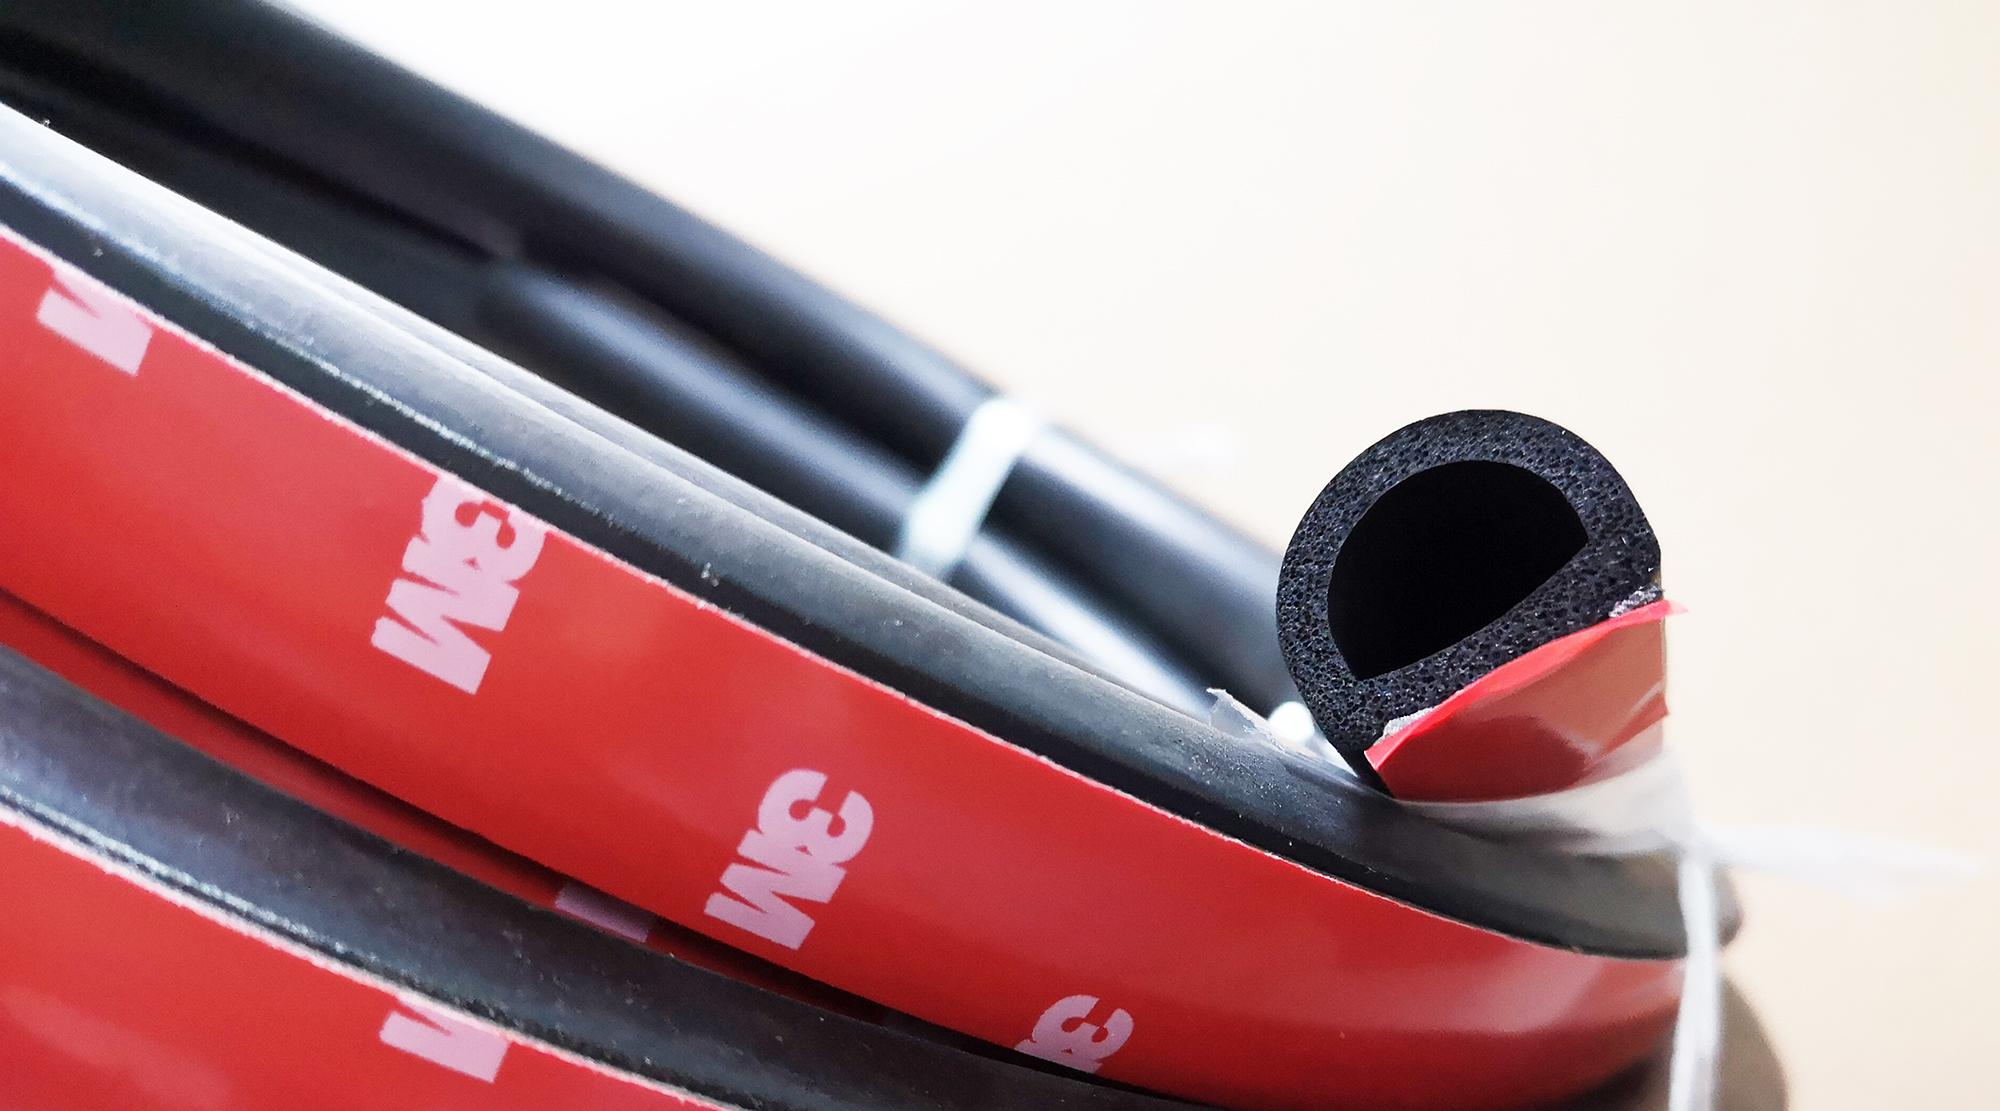 Fireproof Epdm Sponge Rubber Seals Gaskets D Shaped 3 4 W X